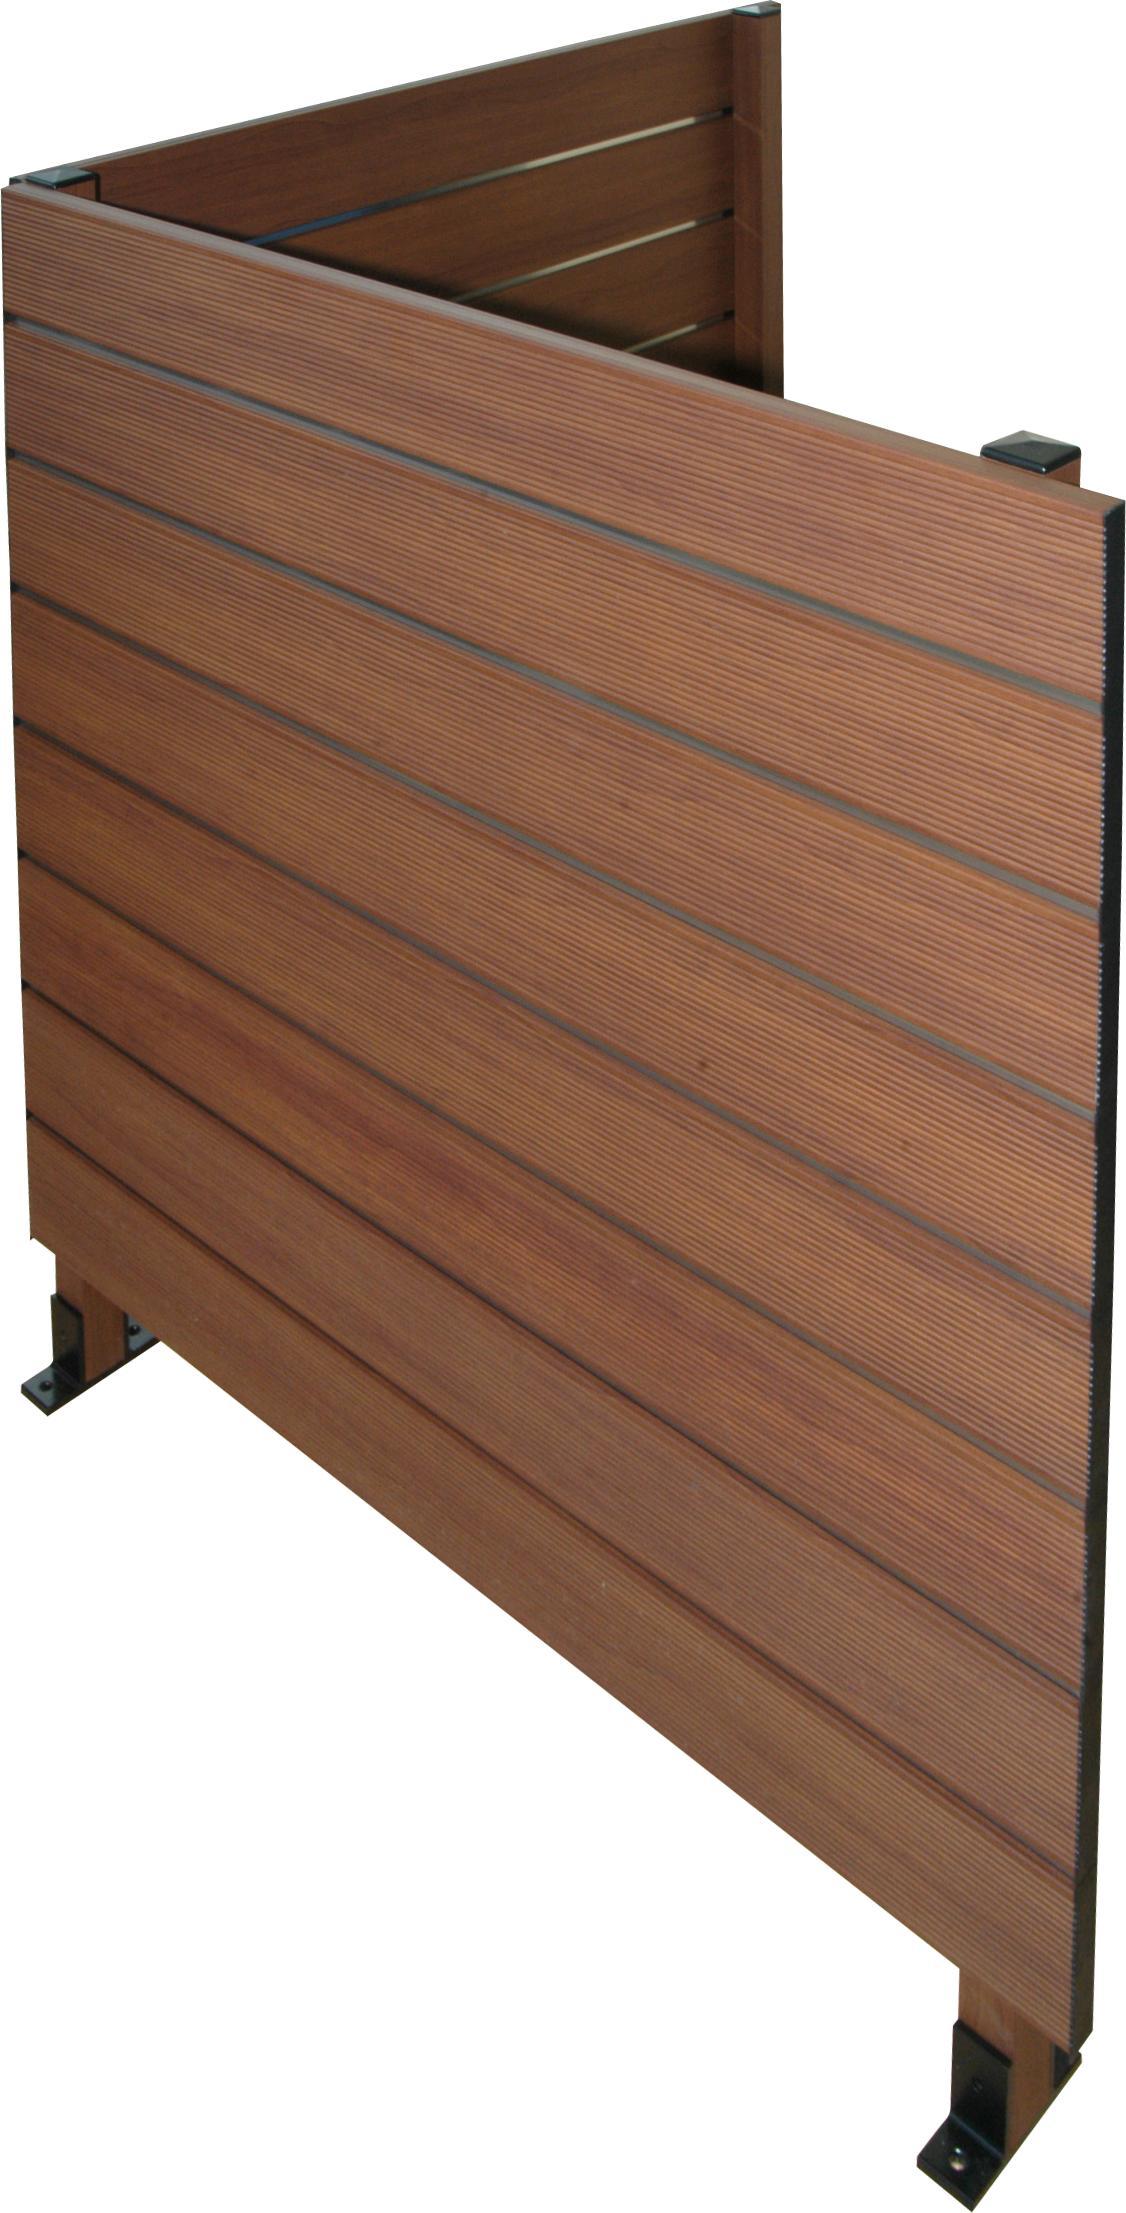 Vallas modernas con perfiler a de aluminio productos y - Perfileria de aluminio ...